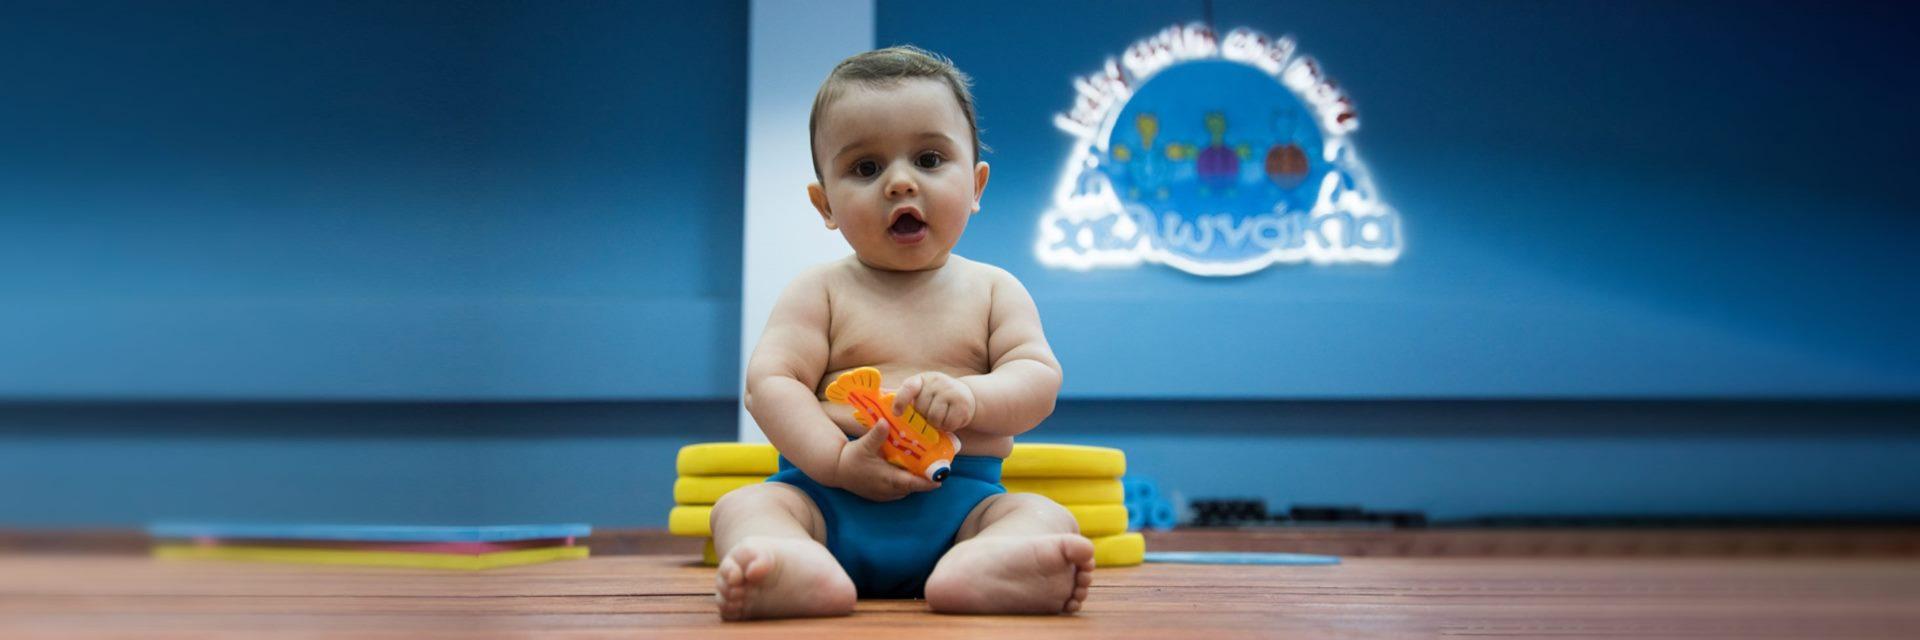 Κολύμβηση για μωρά